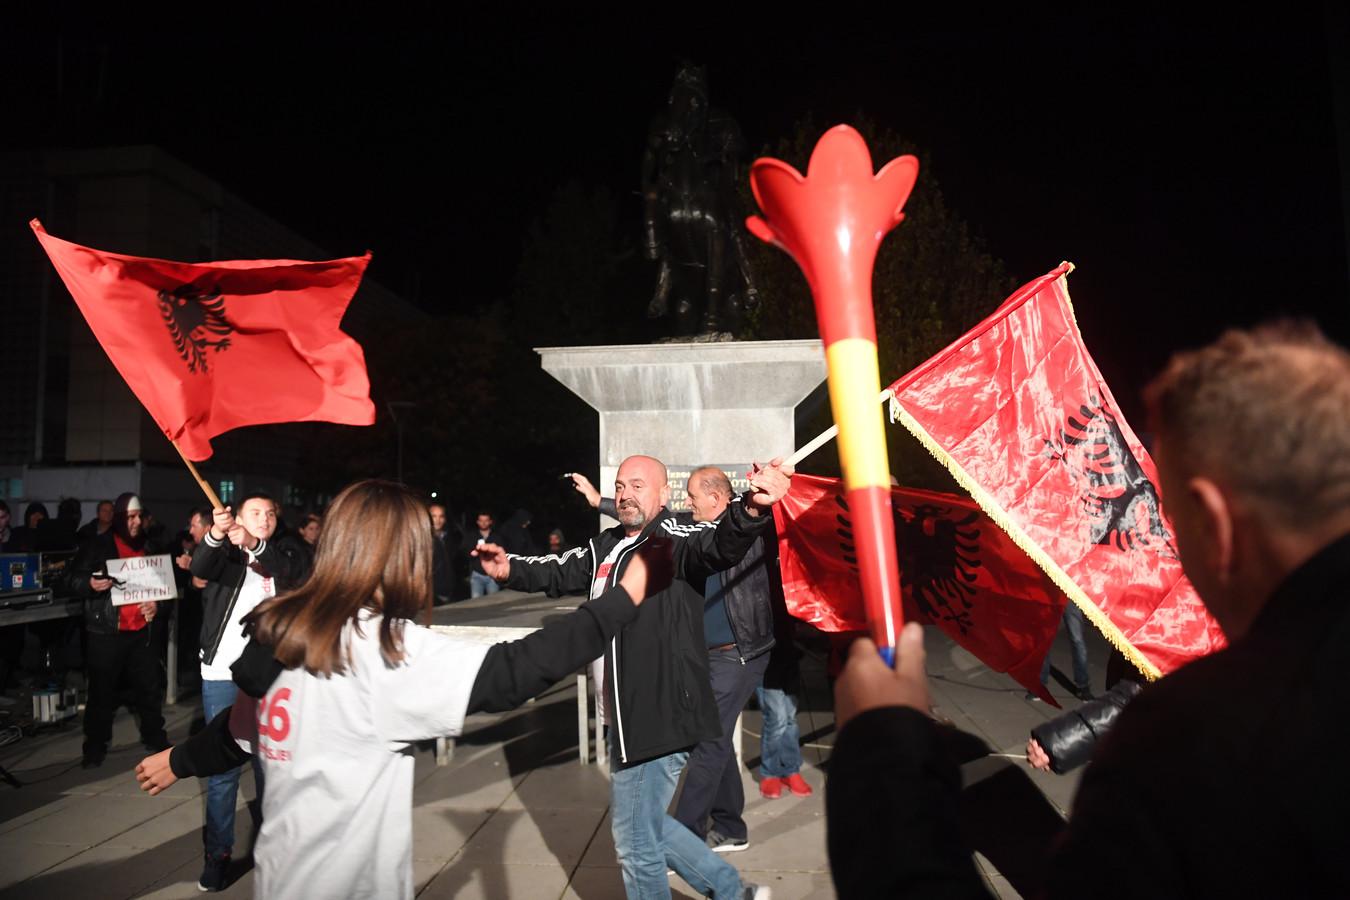 Aanhangers van de oppositie vieren feest in Kosovo.